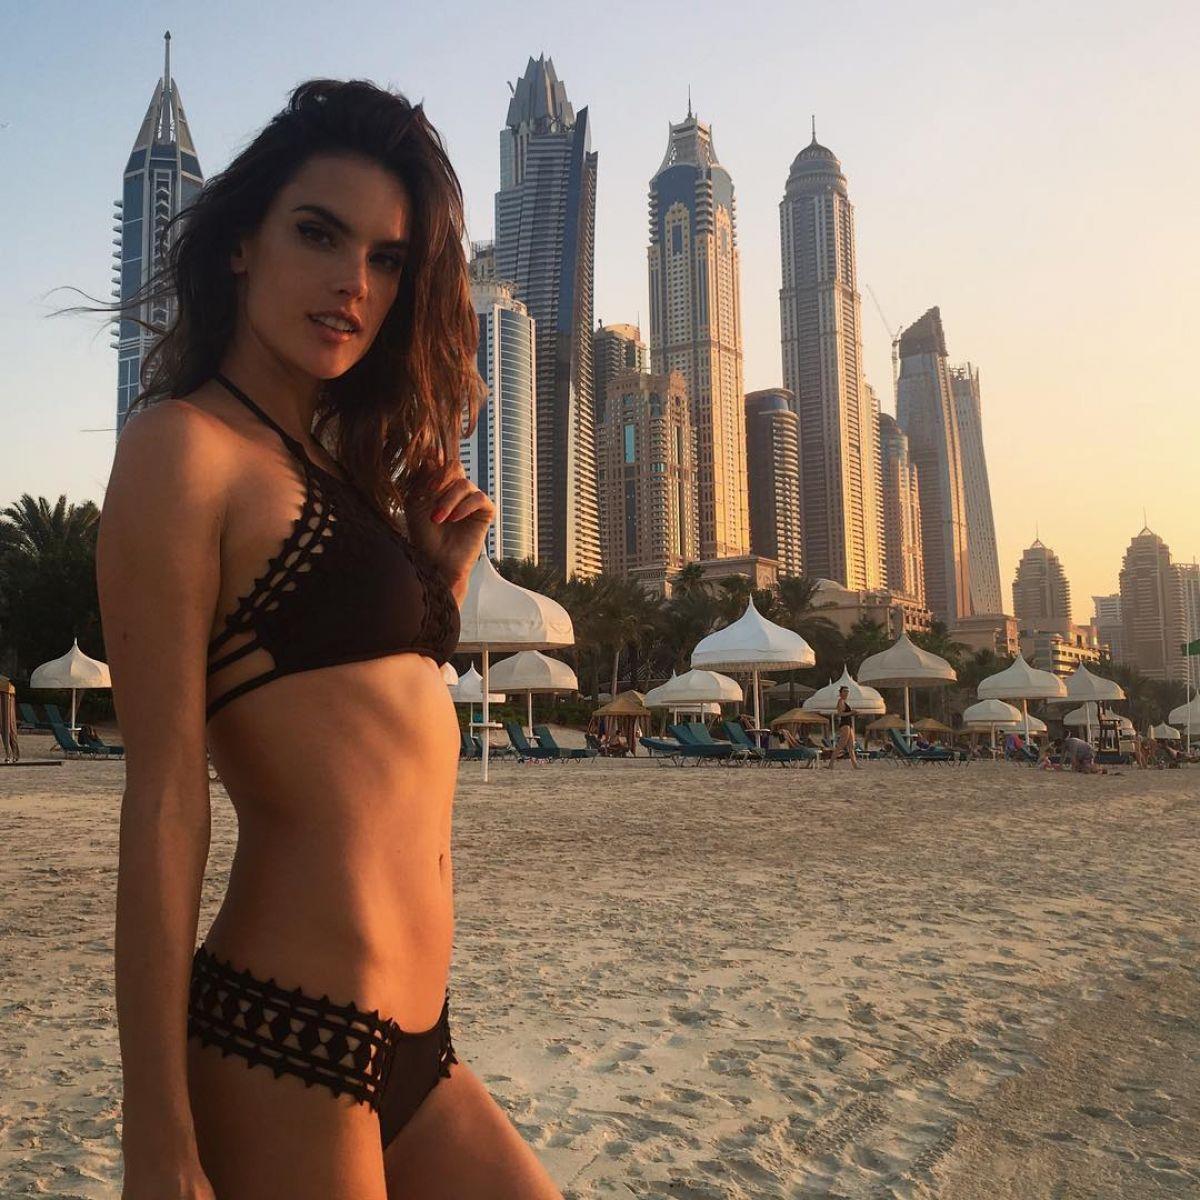 ALESSANDRA AMBROSIO in Bikini at a Beach in Dubai, Instagram Pictures 11/07/2016